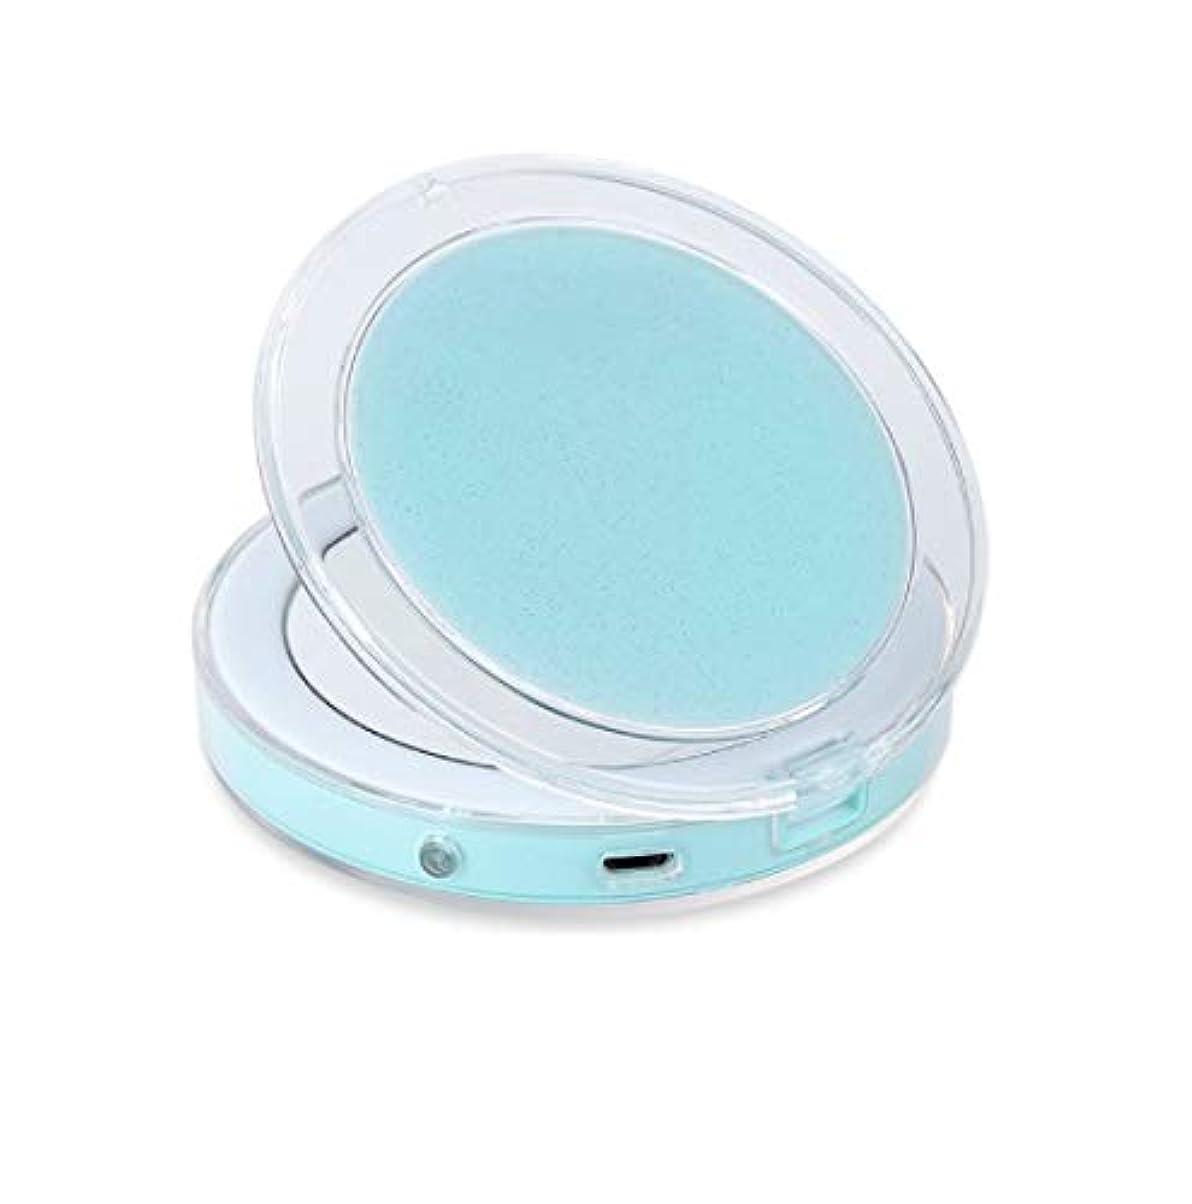 汗連続的ボールミニポータブルled化粧鏡折りたたみ光化粧鏡3回小さな夜の光ミラー (Color : グリーン)